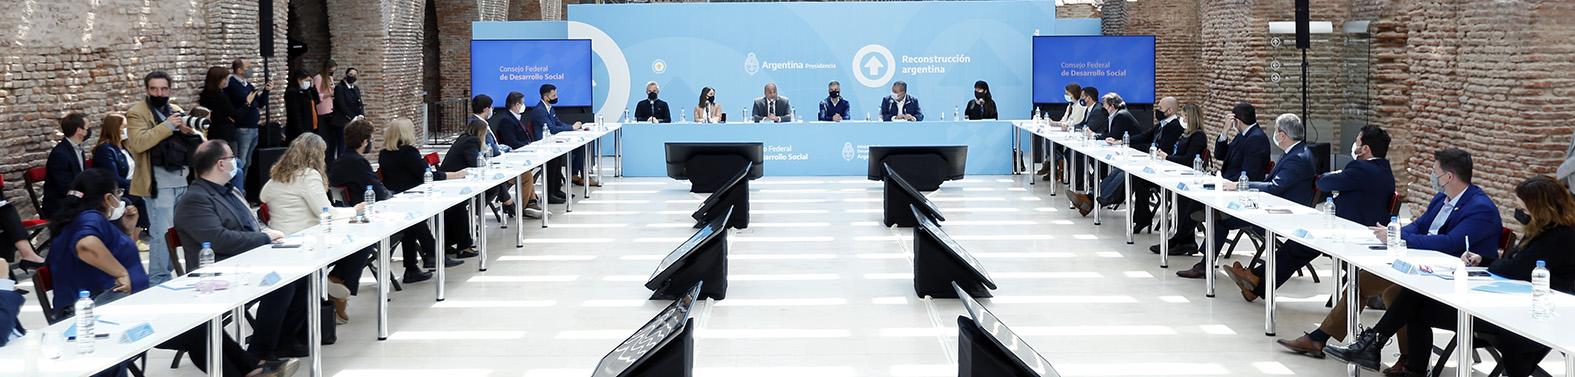 Chubut participó del Consejo Federal de Desarrollo Social con eje en la generación de empleo